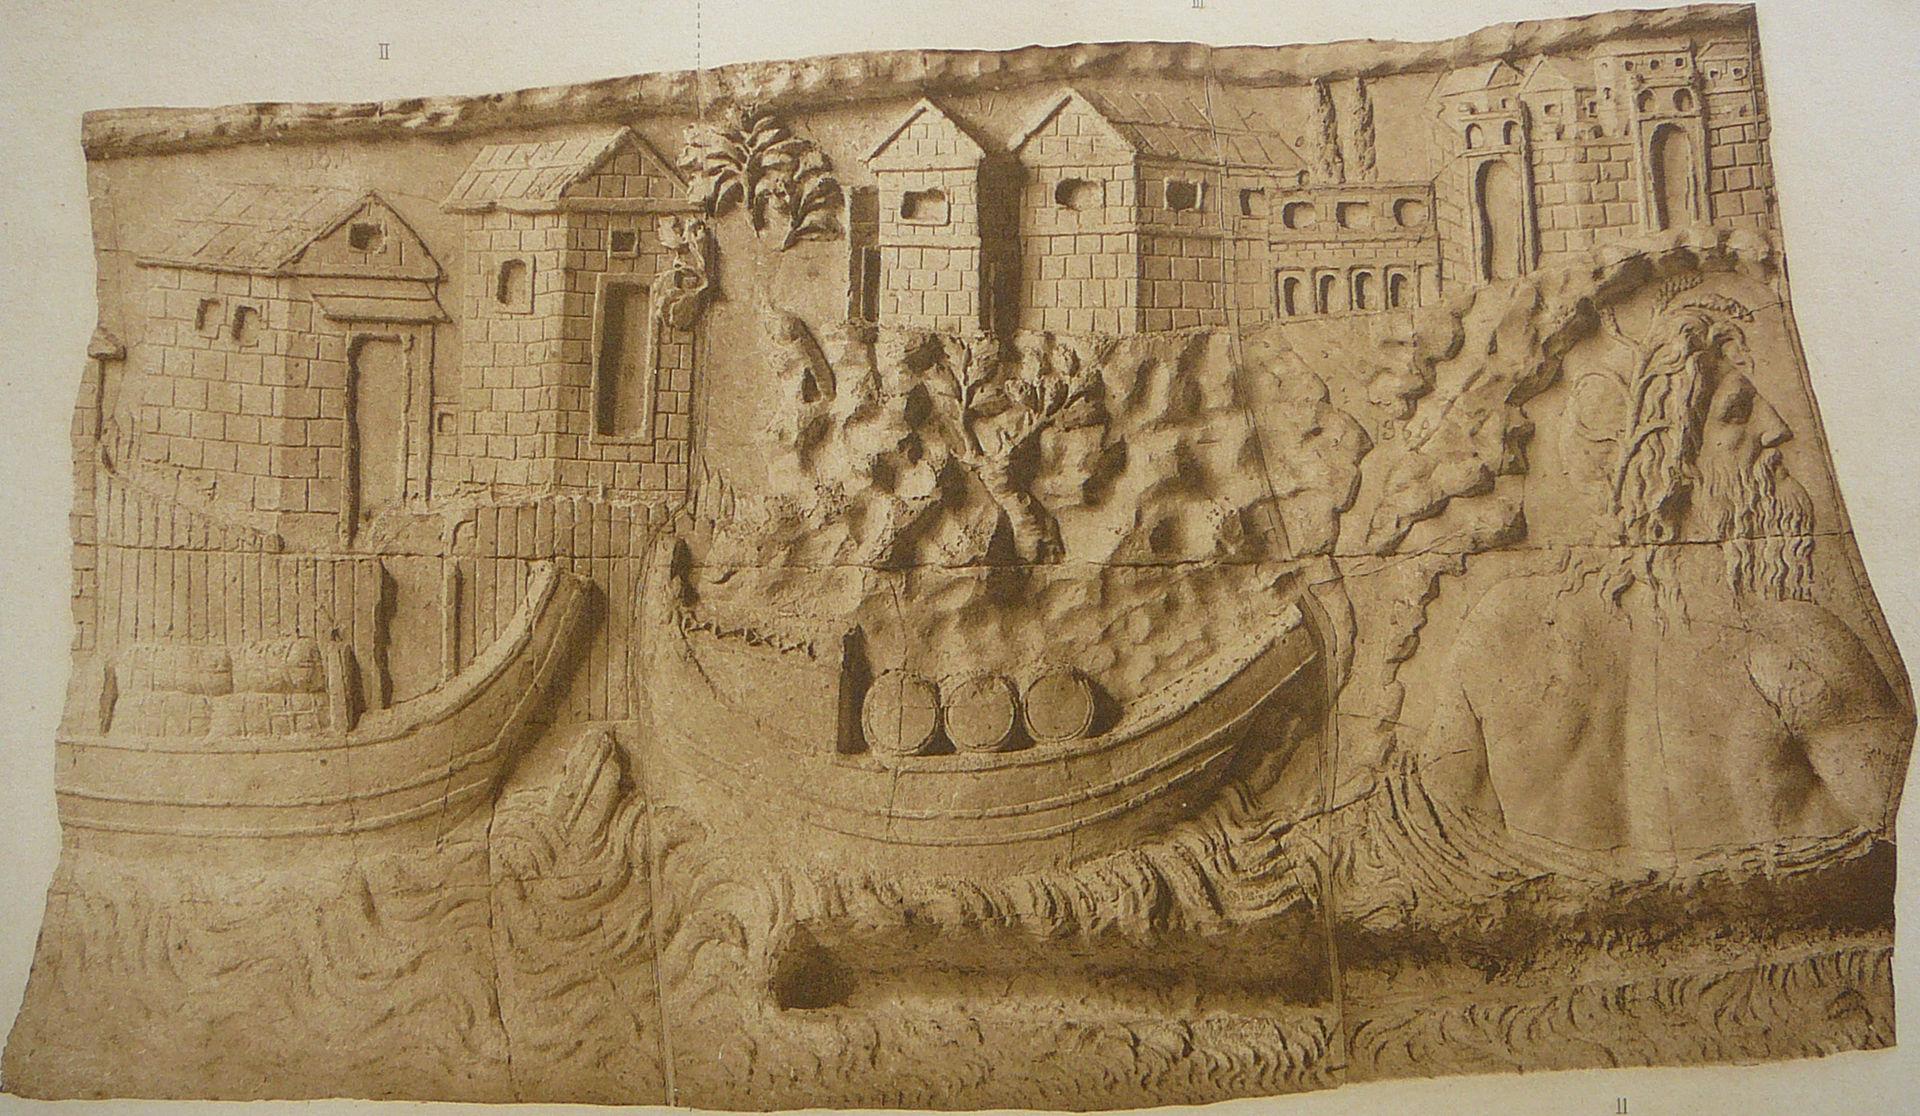 L'avvento e caduta del potere marittimo romano - parte II di Andrea Mucedola